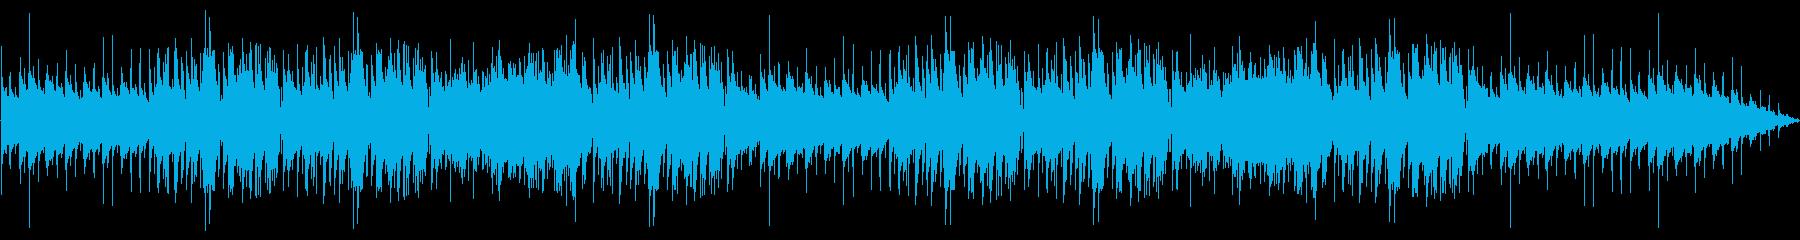 のんびりしたインスト曲の再生済みの波形